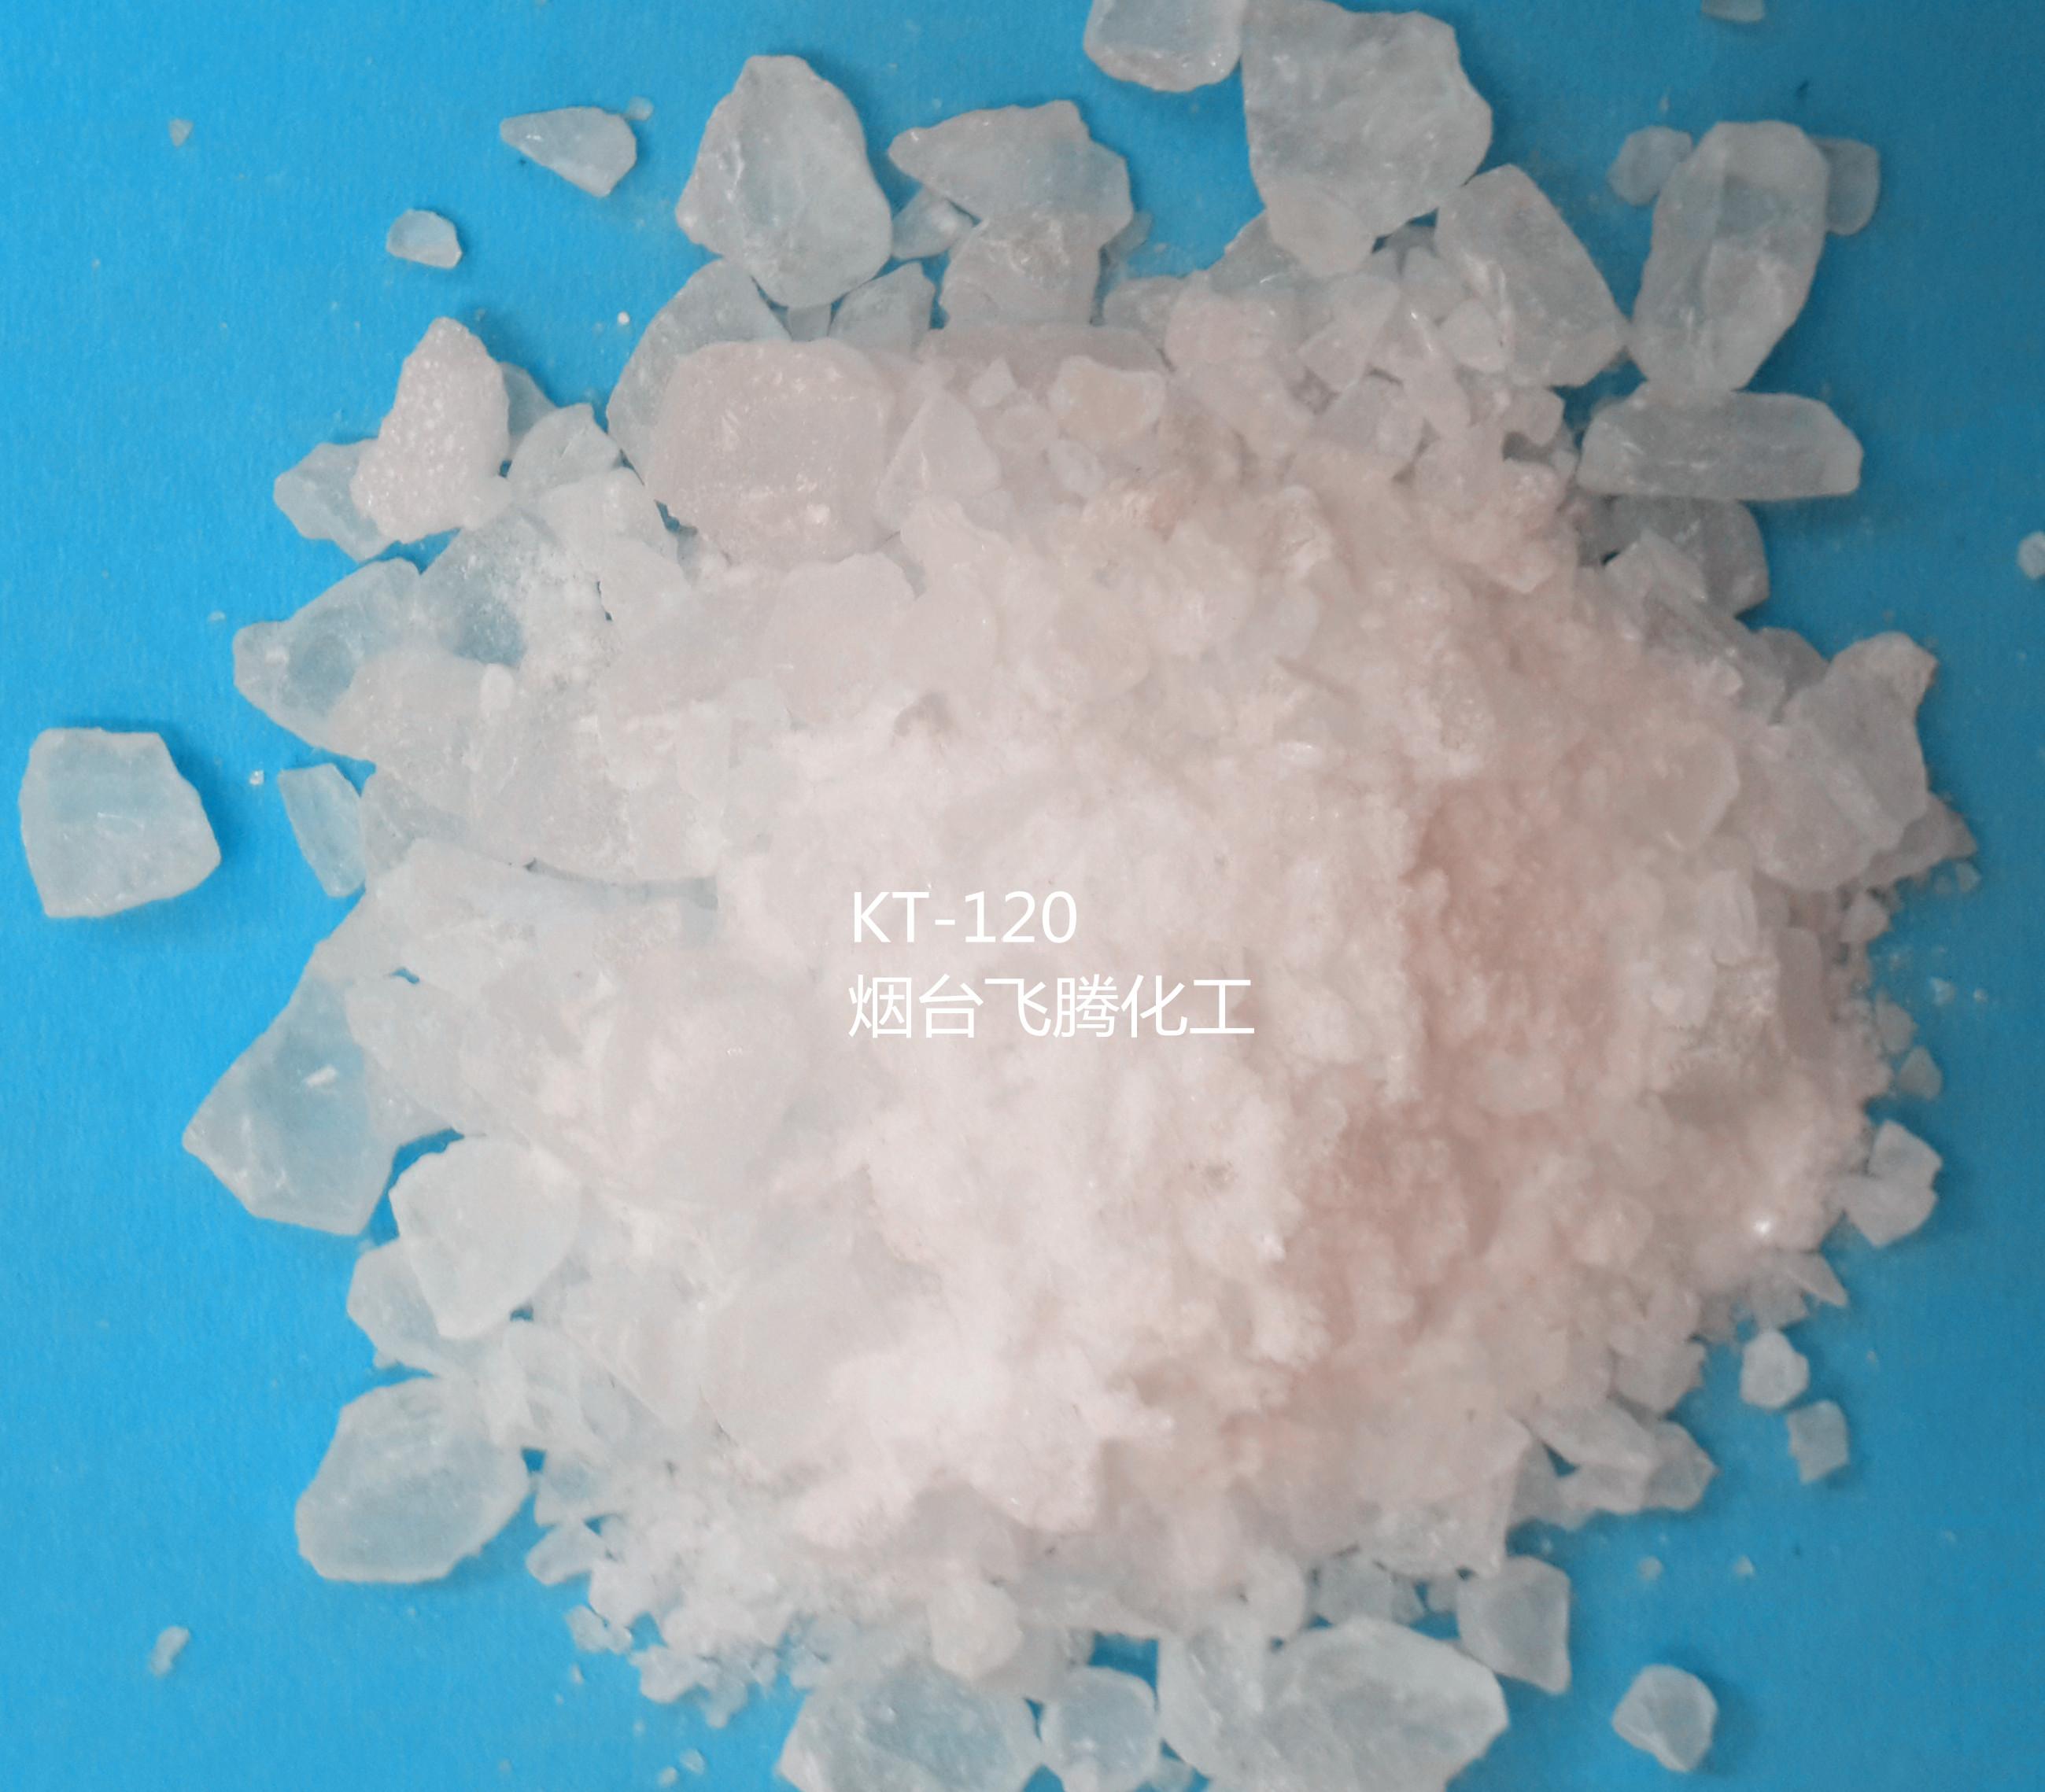 油墨用增光树脂--醛酮树脂,聚酮树脂KT-120--提高油墨的附着力,流平性,快干性等-免费供样